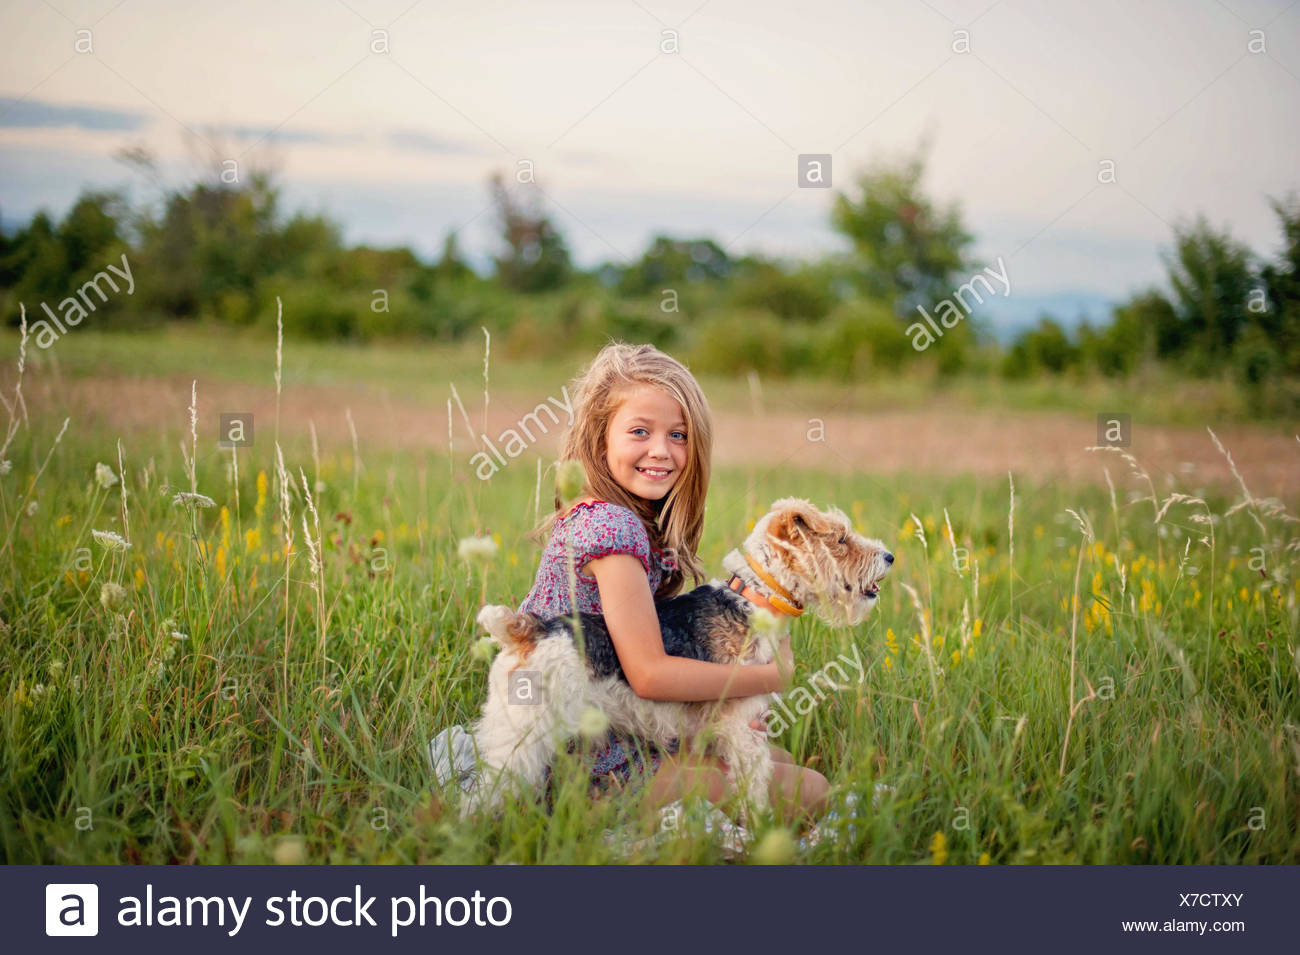 Retrato de una sonriente joven sentada en el campo abrazando a su perro Fox Terrier Imagen De Stock